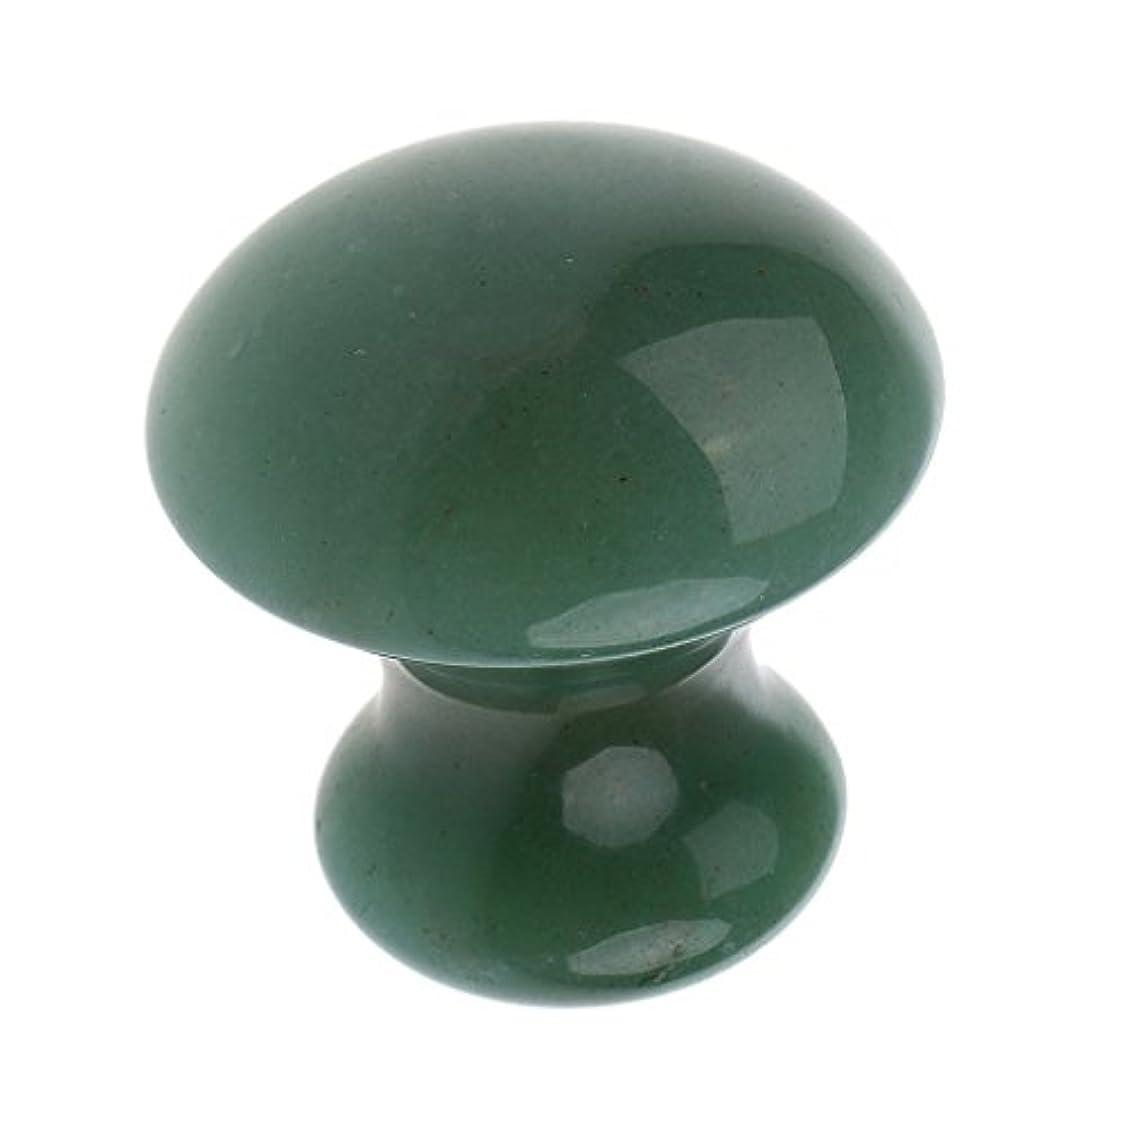 排泄する田舎クライマックスマッサージストーン マッシュルーム スパ SPA ストーン スキンケア リラックス 2色選べる - 緑